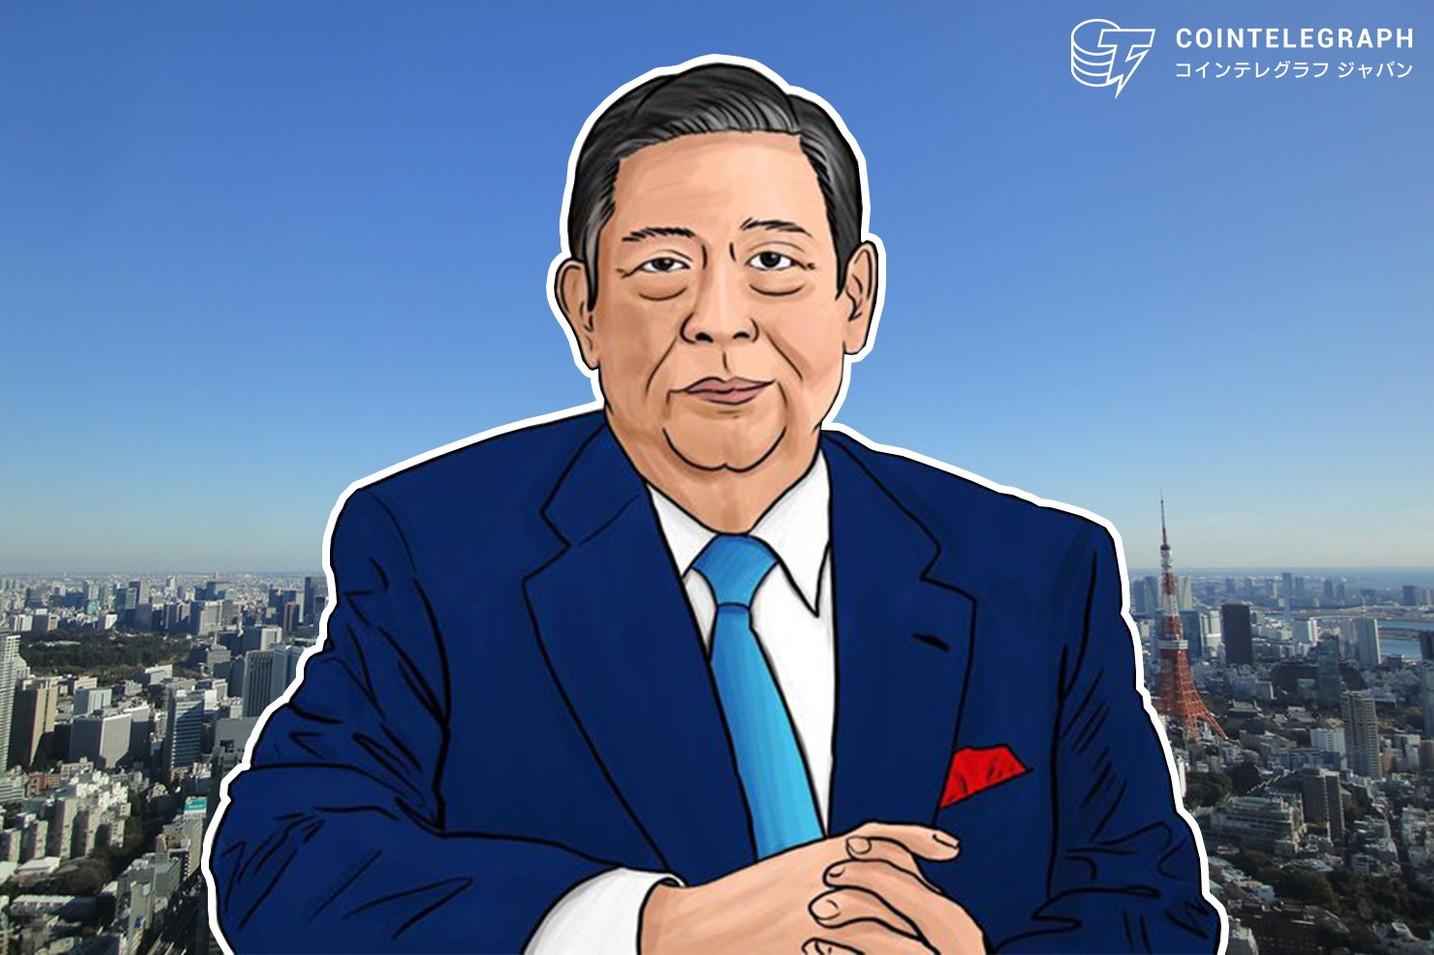 仮想通貨取引所SBI VCトレード、SBI証券傘下に移管 板取引は31日予定|北尾氏、ビットコインの価値に疑問符【追記】